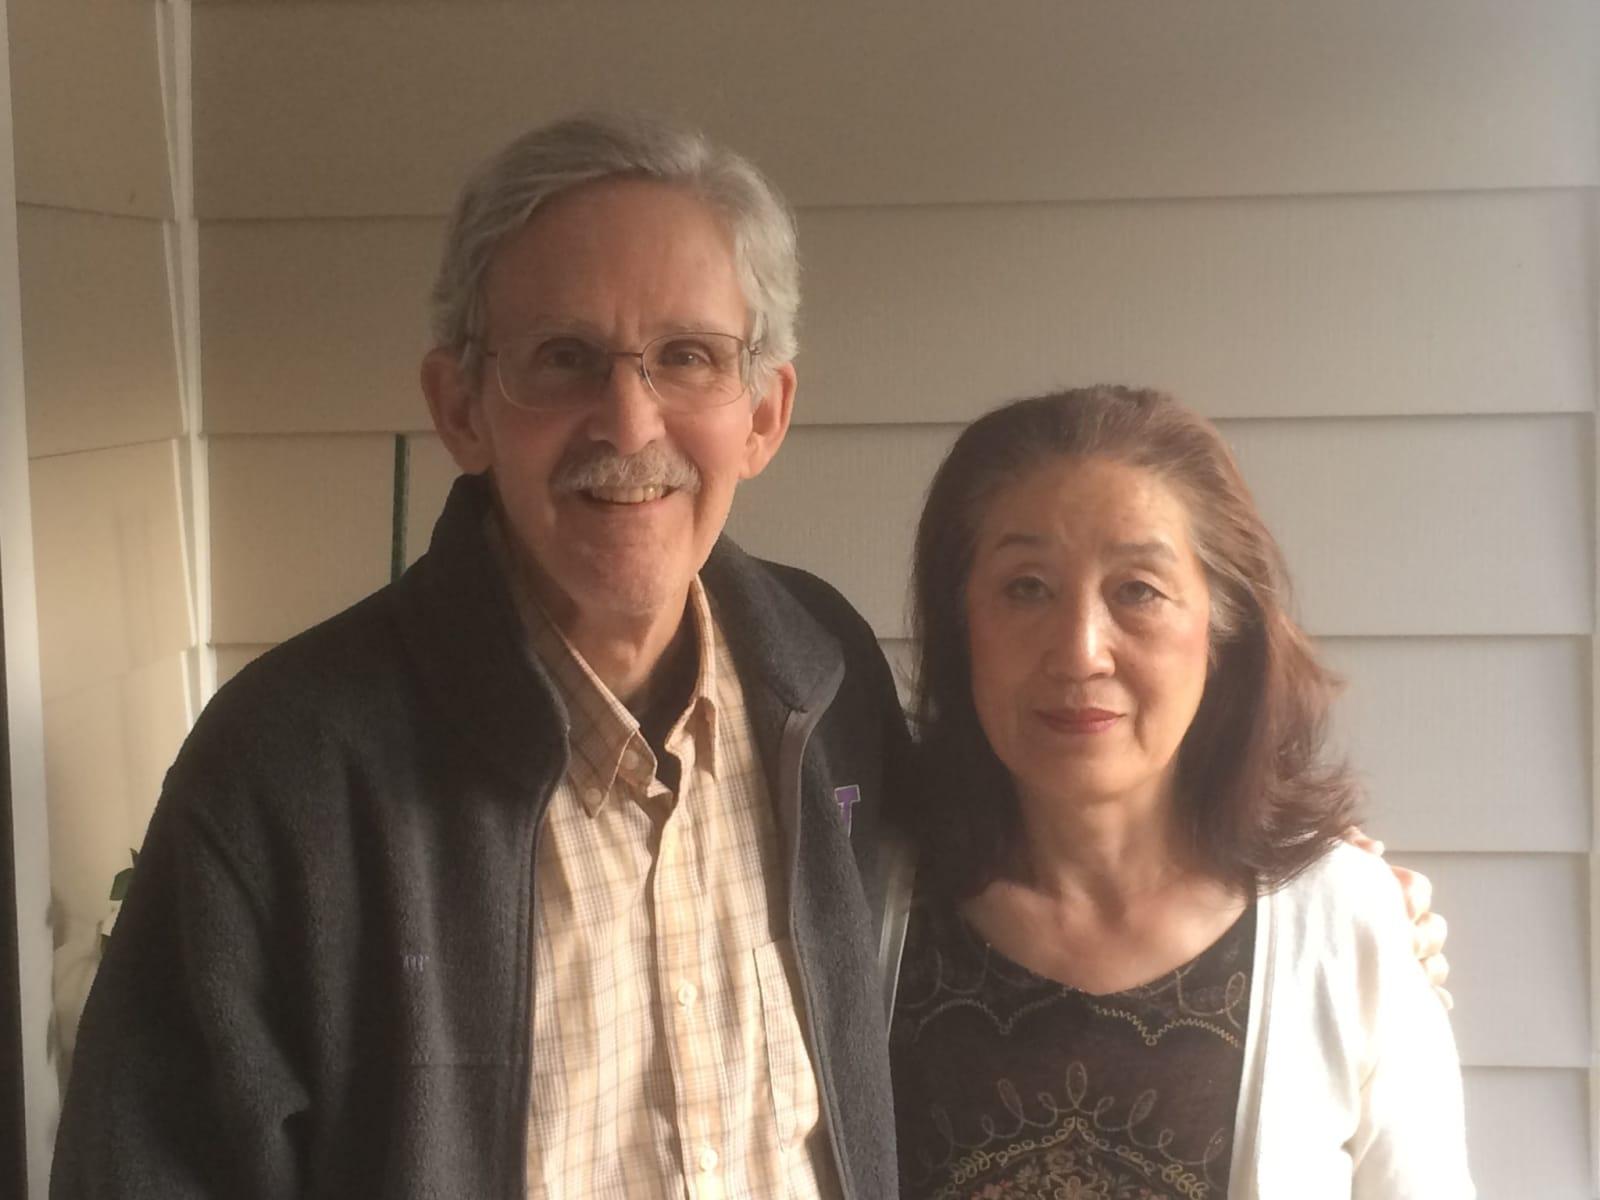 Ikuko & Frank from Tacoma, Washington, United States